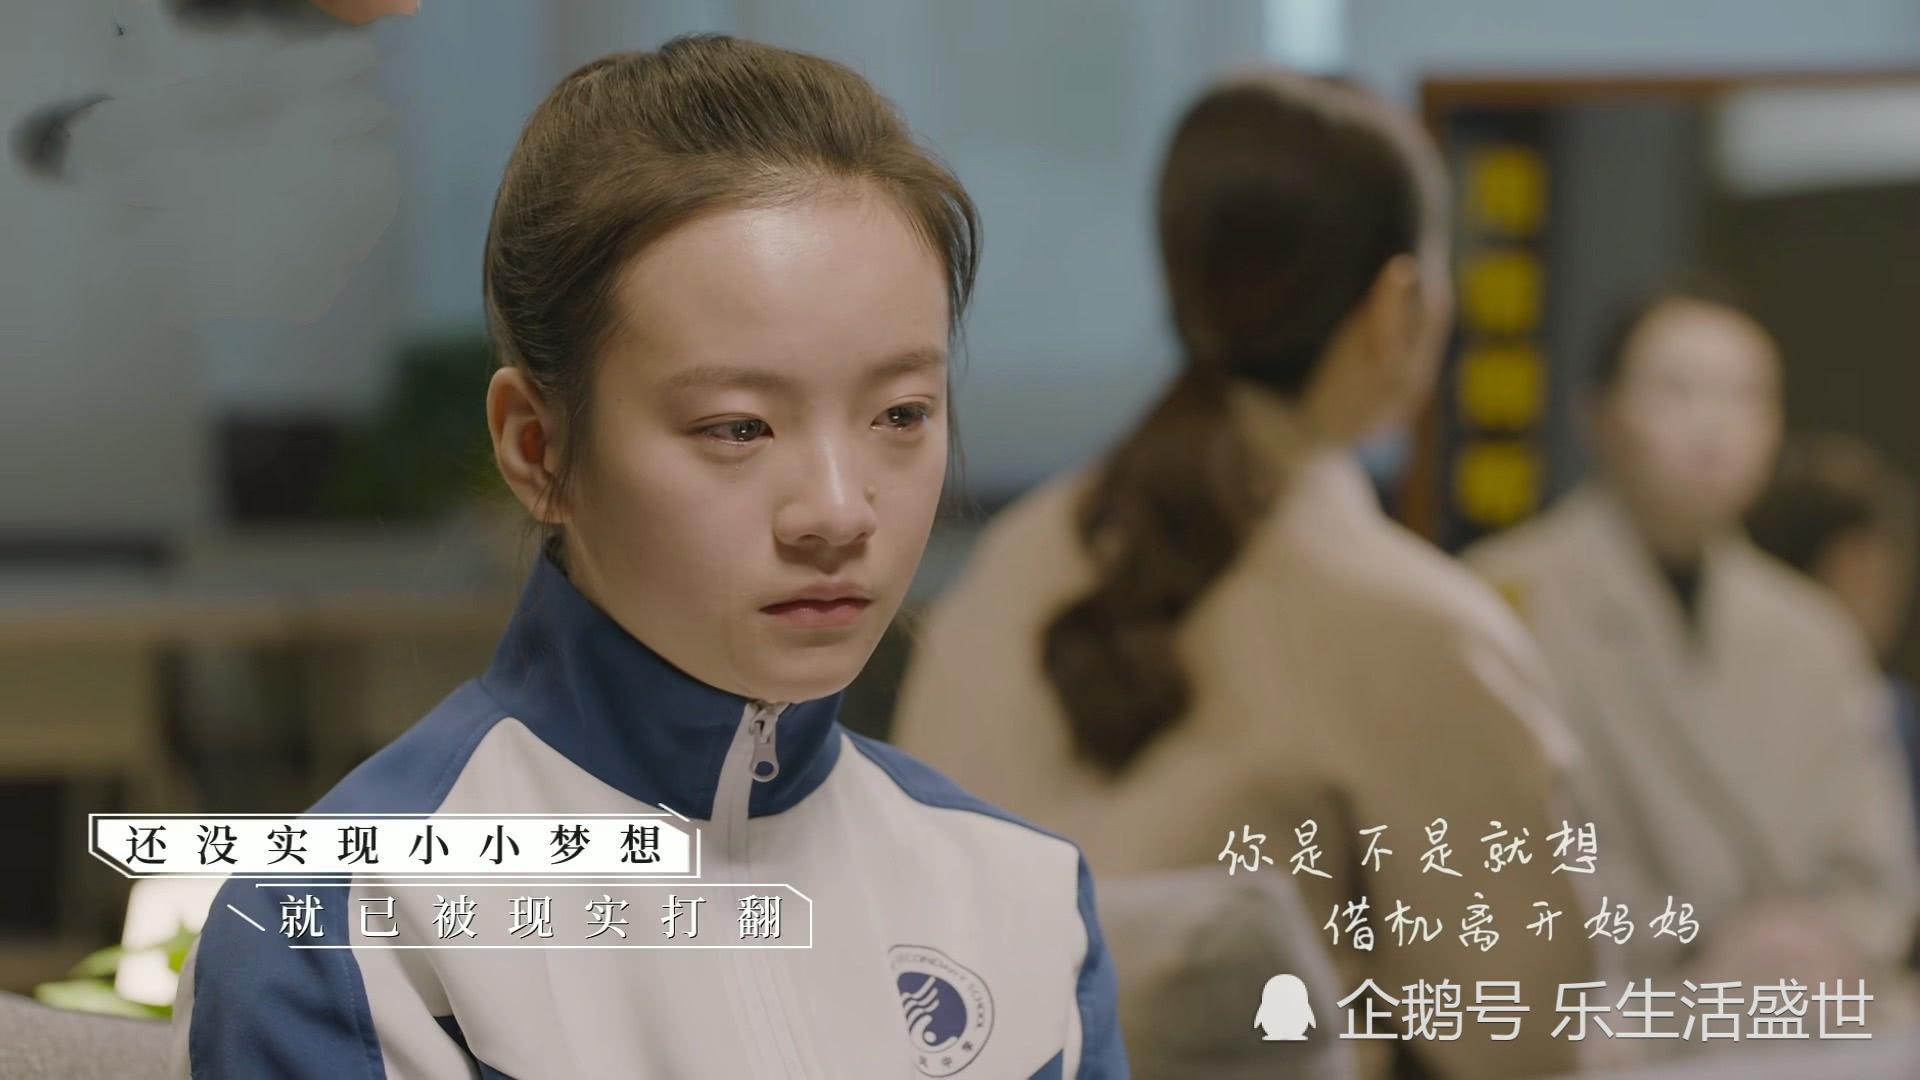 乔英子想报考南大,宋倩和乔卫东都在反对,英子无奈之下留在北京